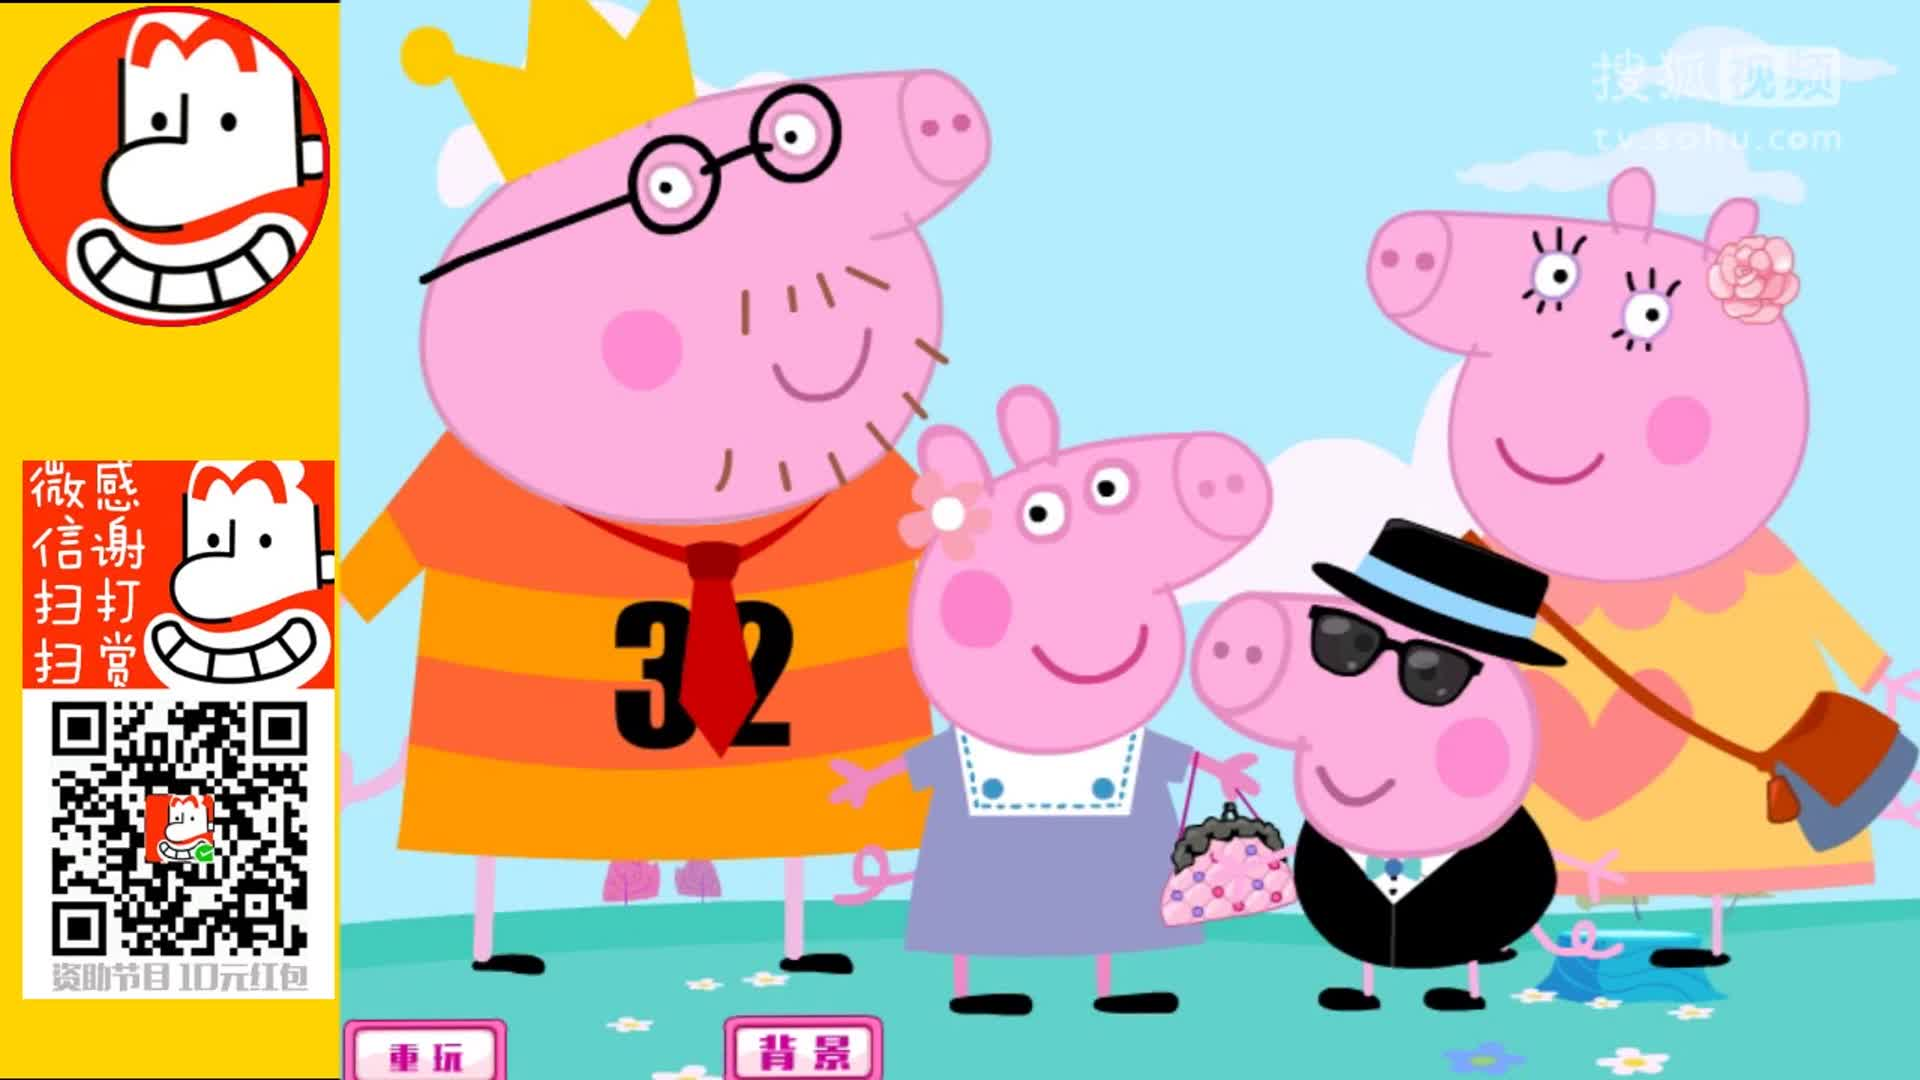 小猪佩奇粉红猪小妹 化装游戏 视频 【爱闹大叔】